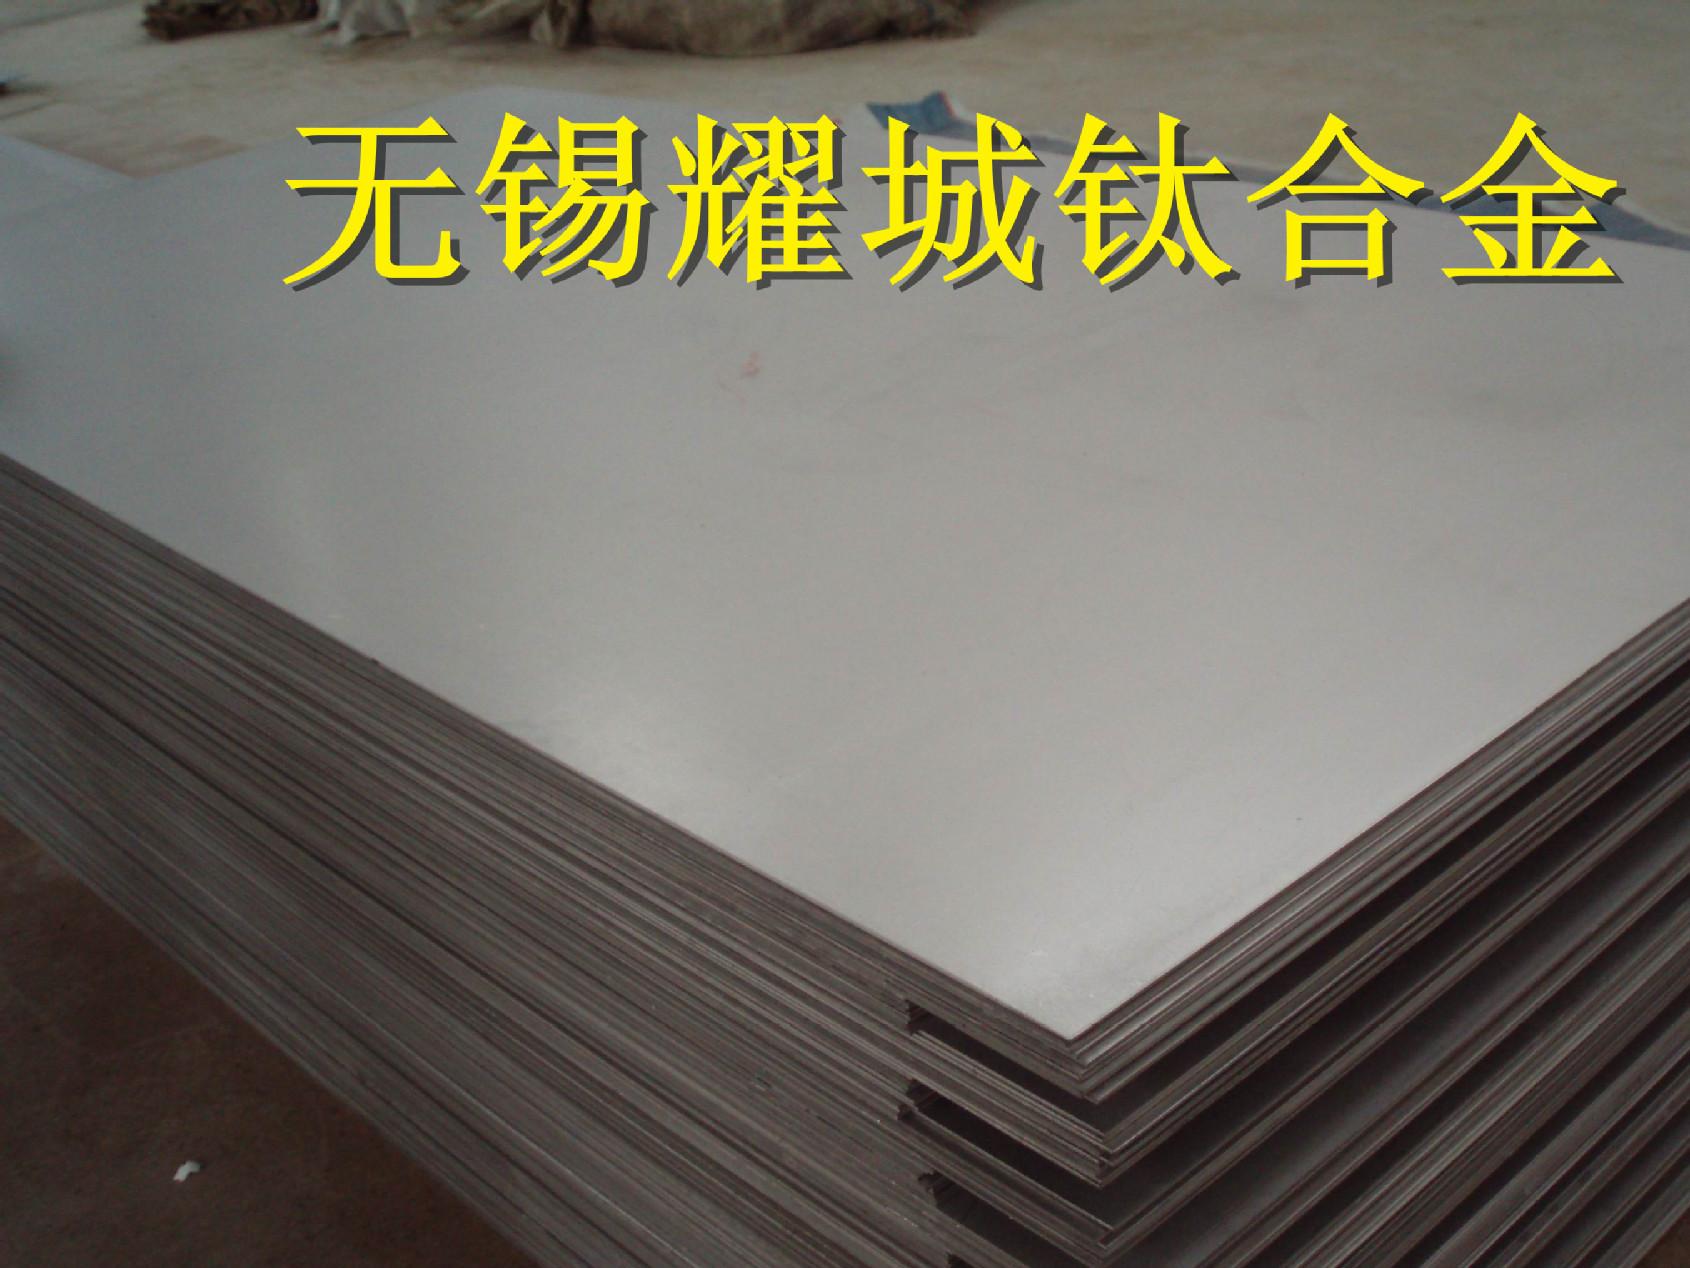 富锦钛板TA1TA306钛钛法兰钛管钛丝钛棒钛螺丝钛弯头钛阀门钛合金